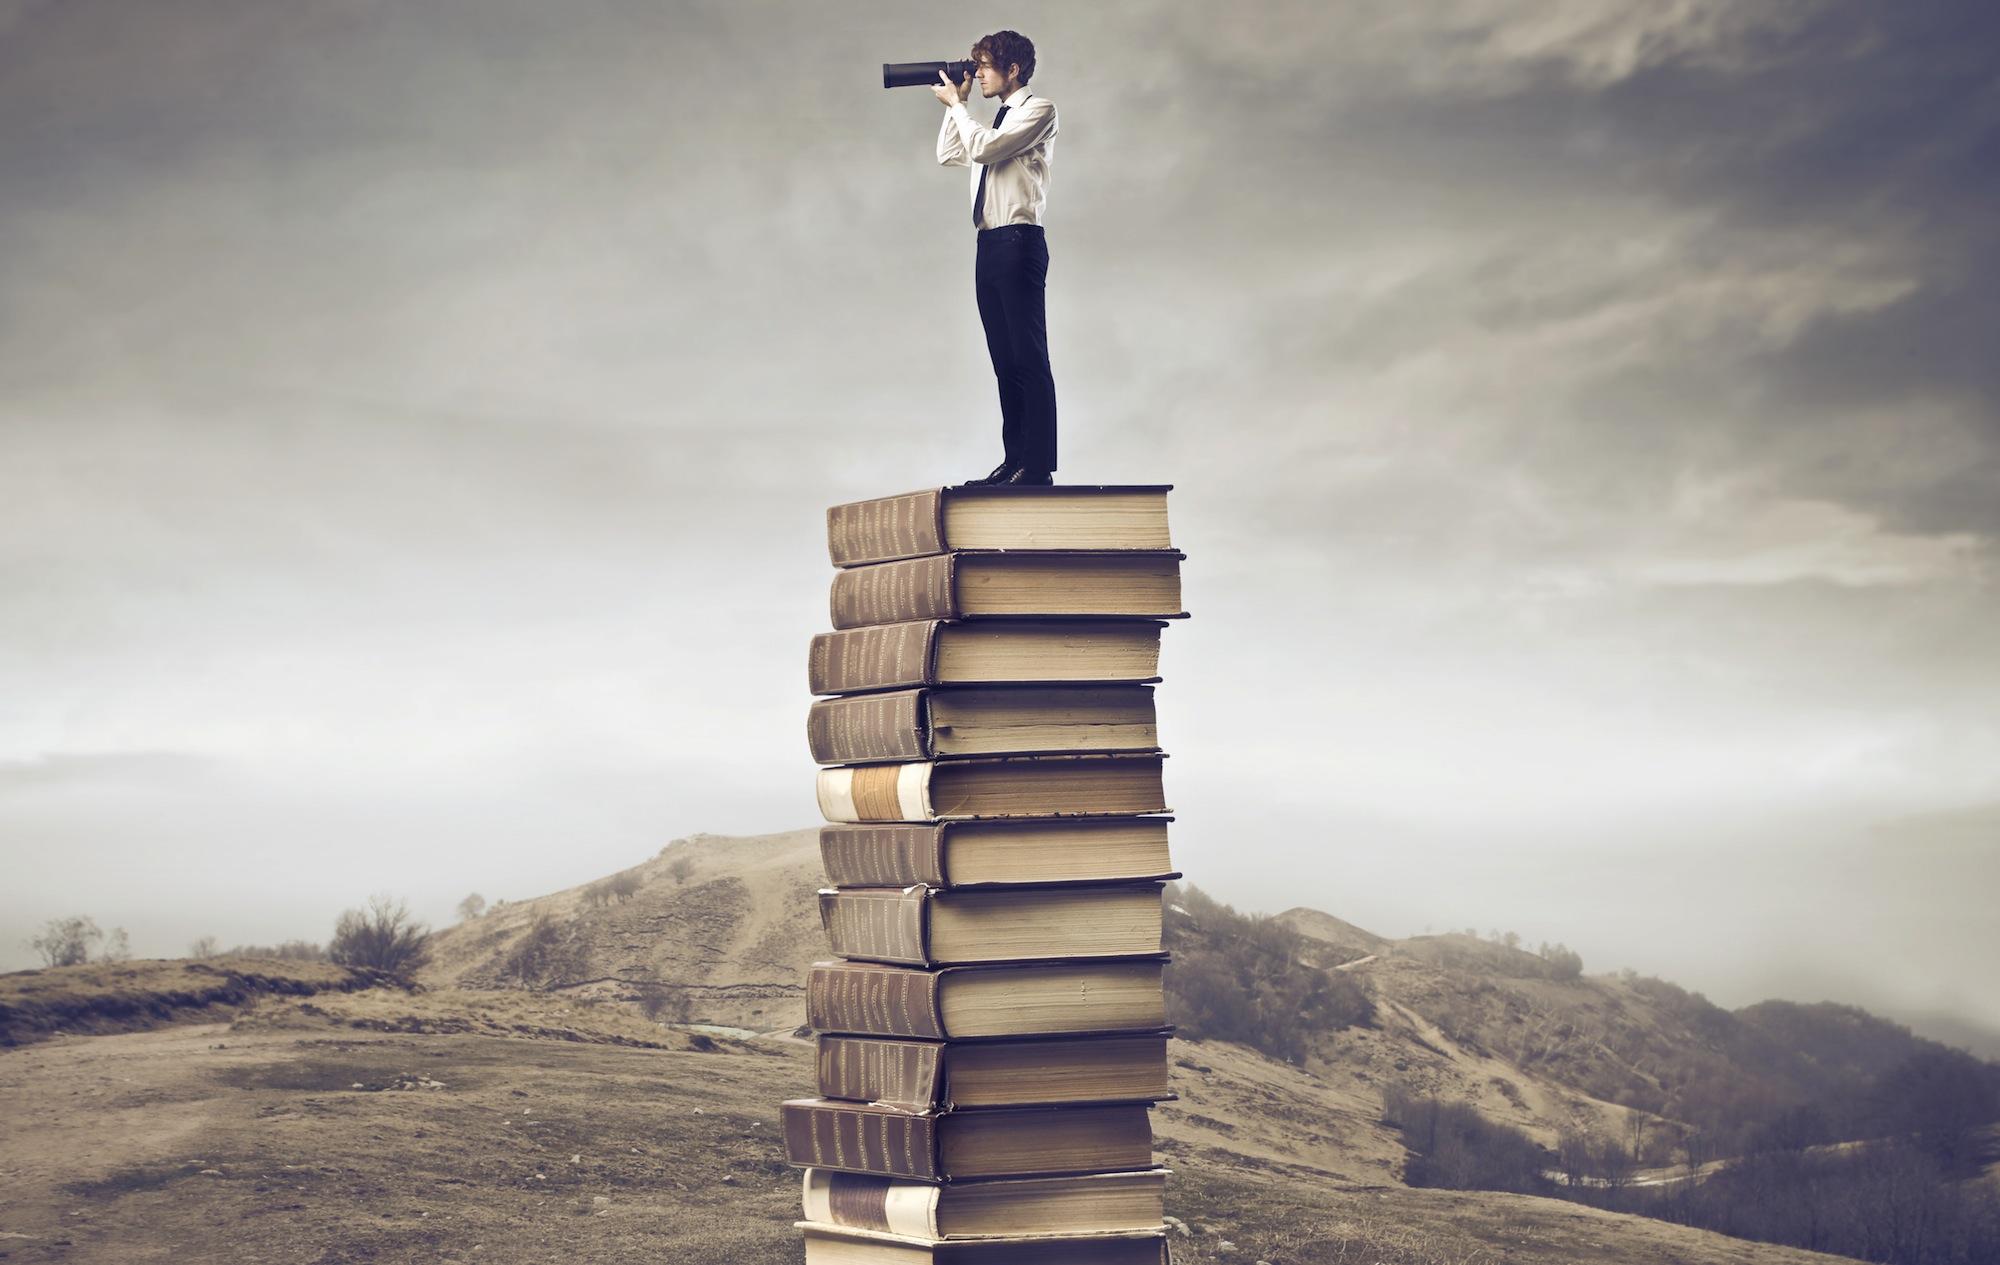 تصاویر انگلیسی انرژی مثبت جملات انگیزشی و  مثبت درون مورد هدف و  موفقیت